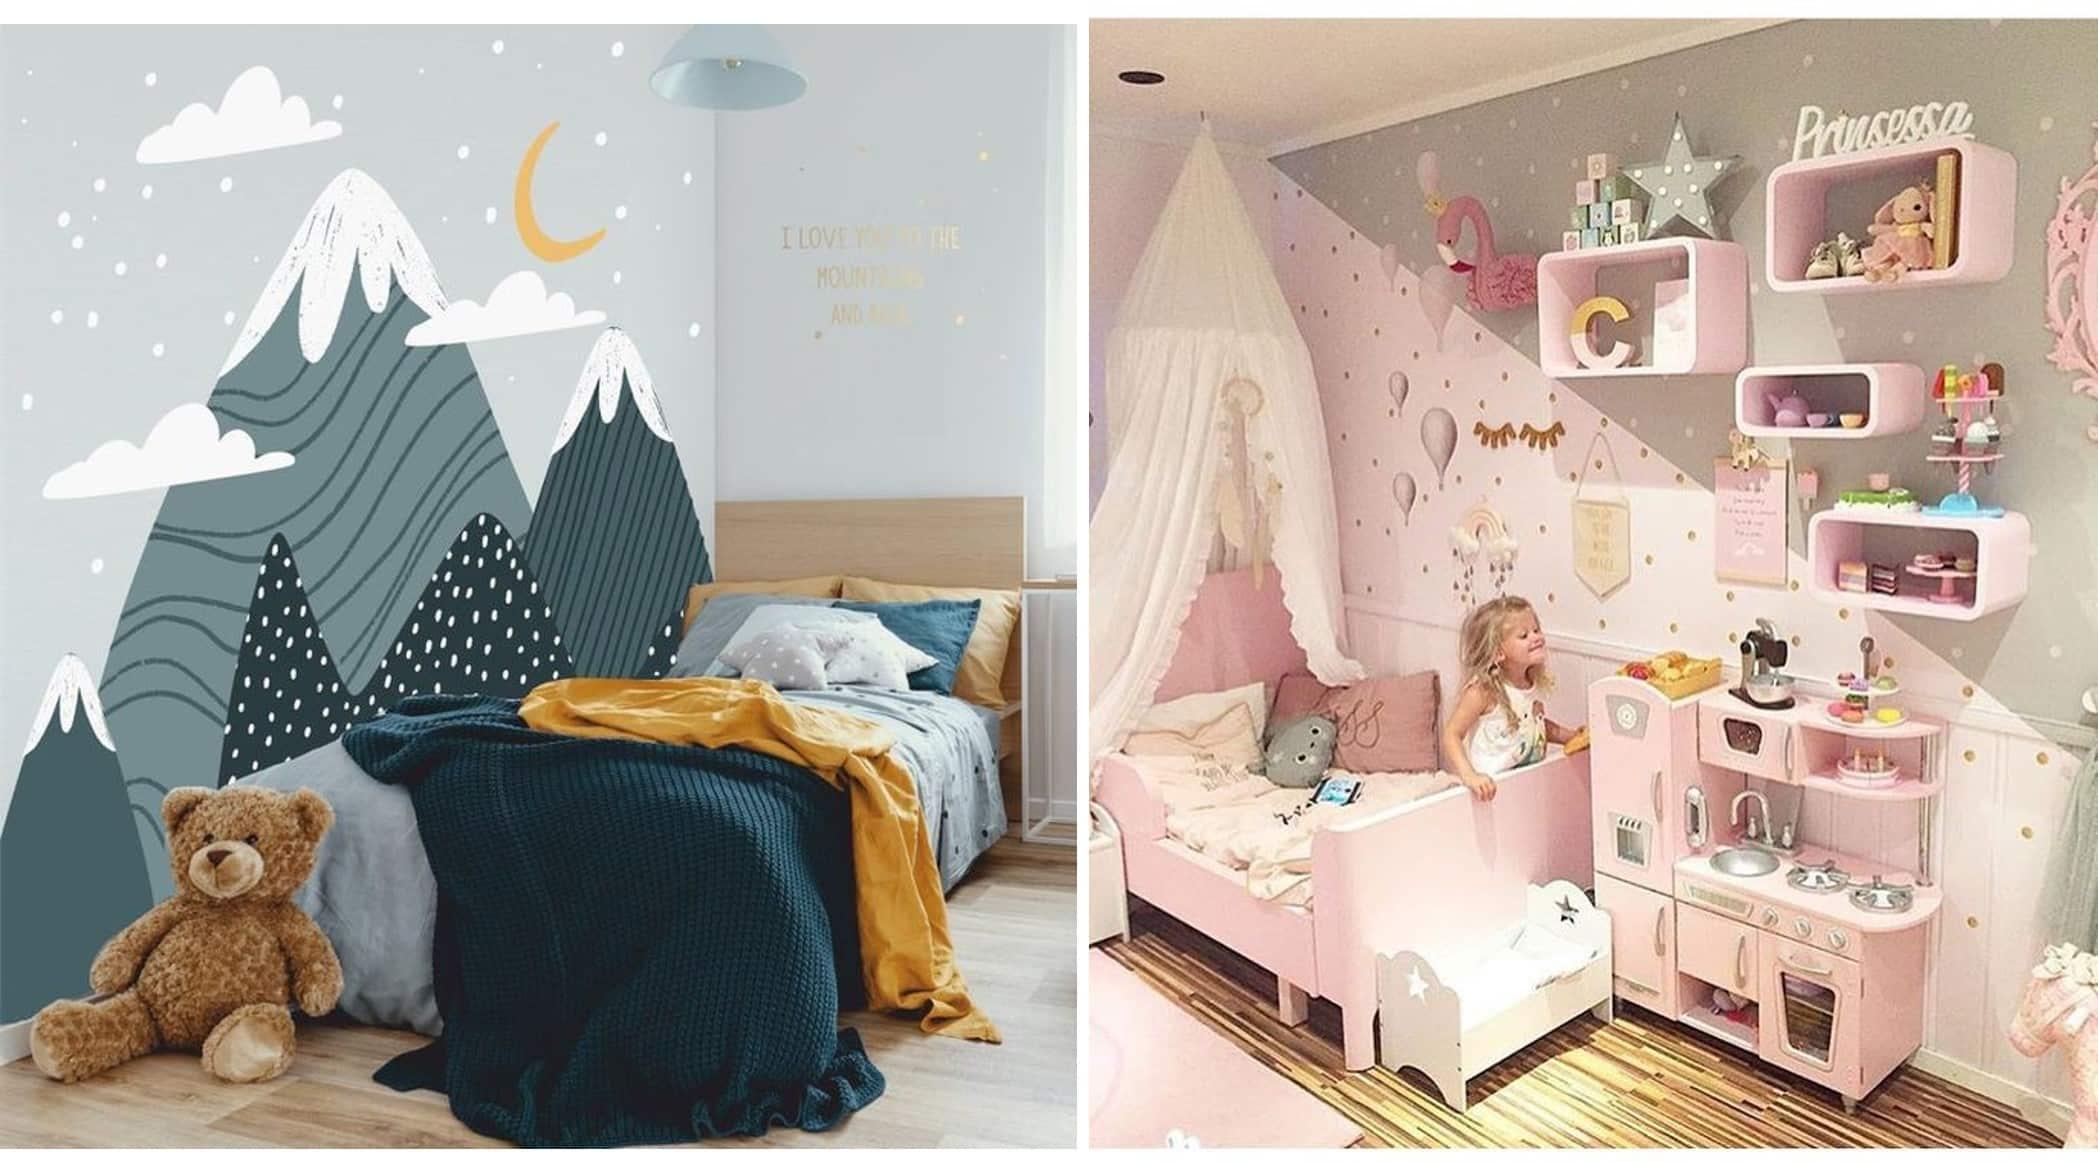 غرفة الأطفال – ما الذي يناسب أطفالنا؟  طريقة تأثيثها والديكور المناسب – بعدسة مهندس معماري 2020 غرفة اطفال